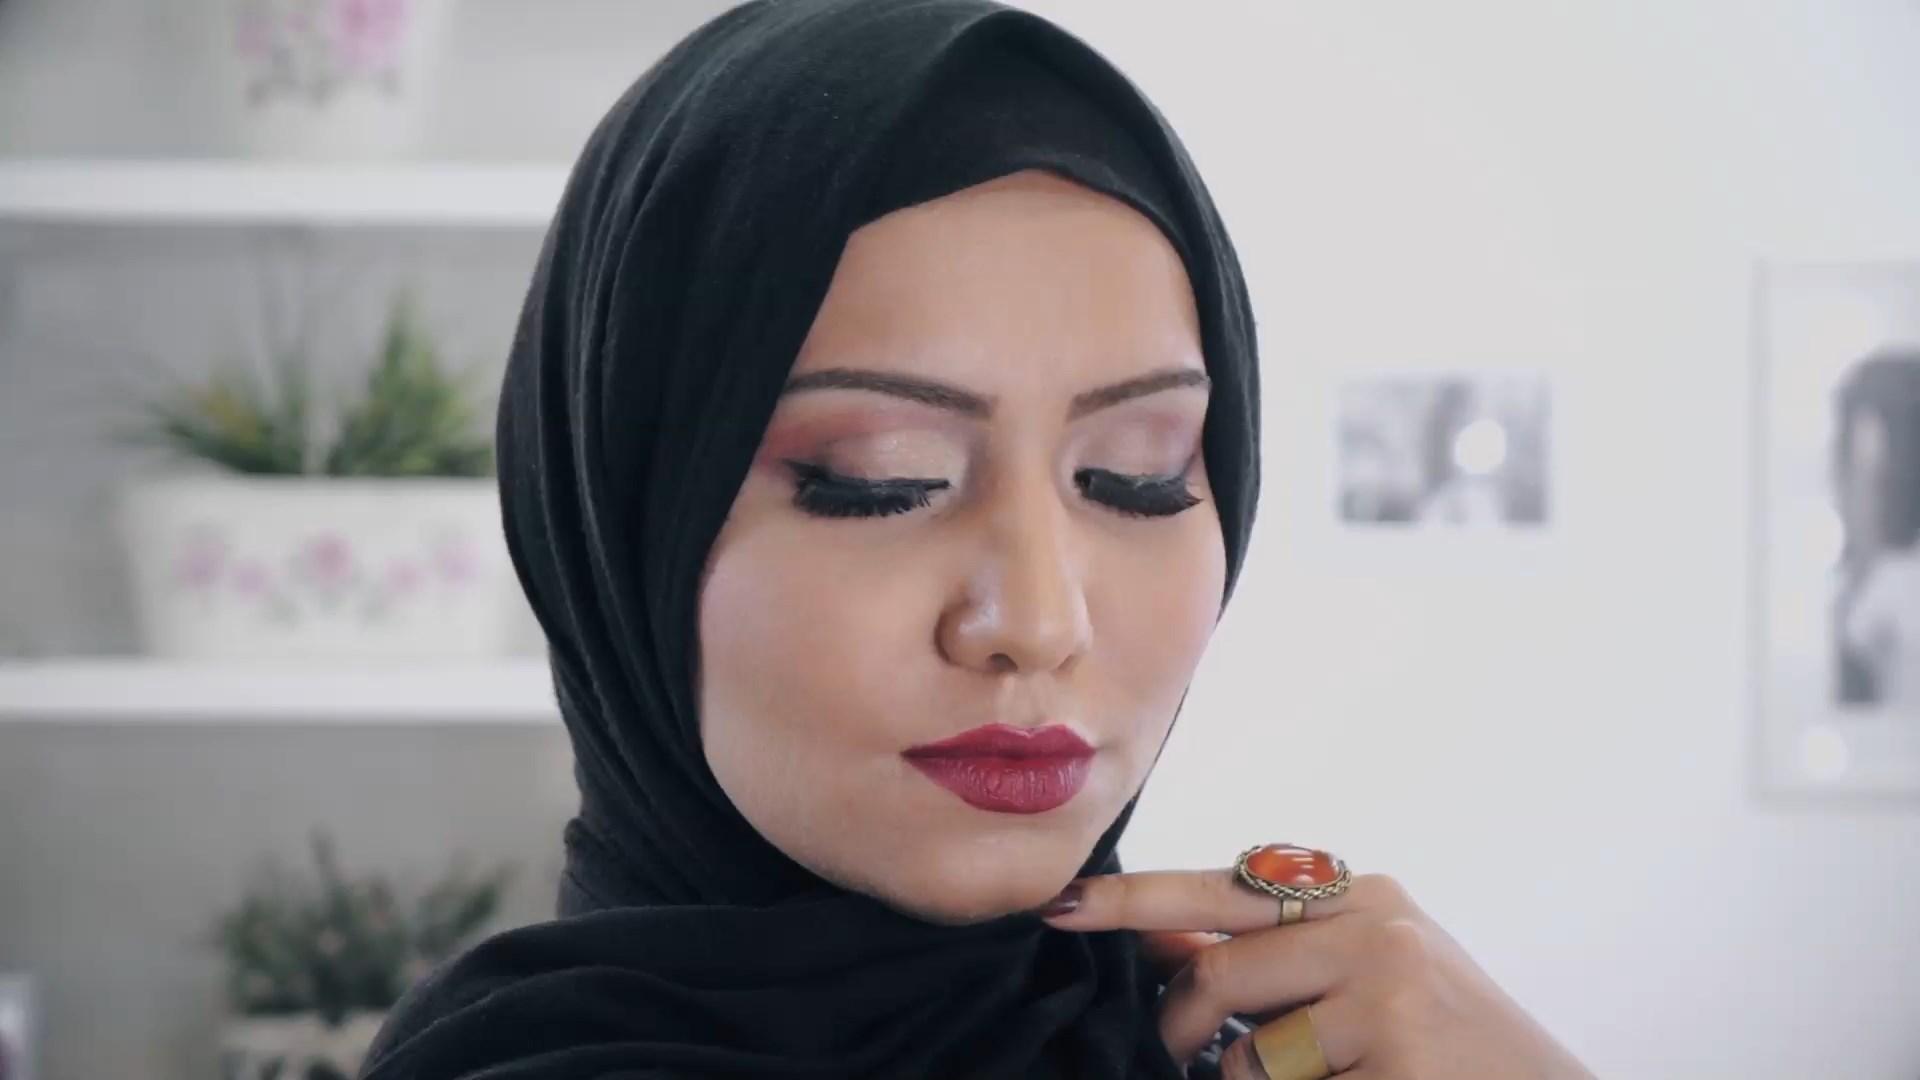 مكياج على الطريقة العربية